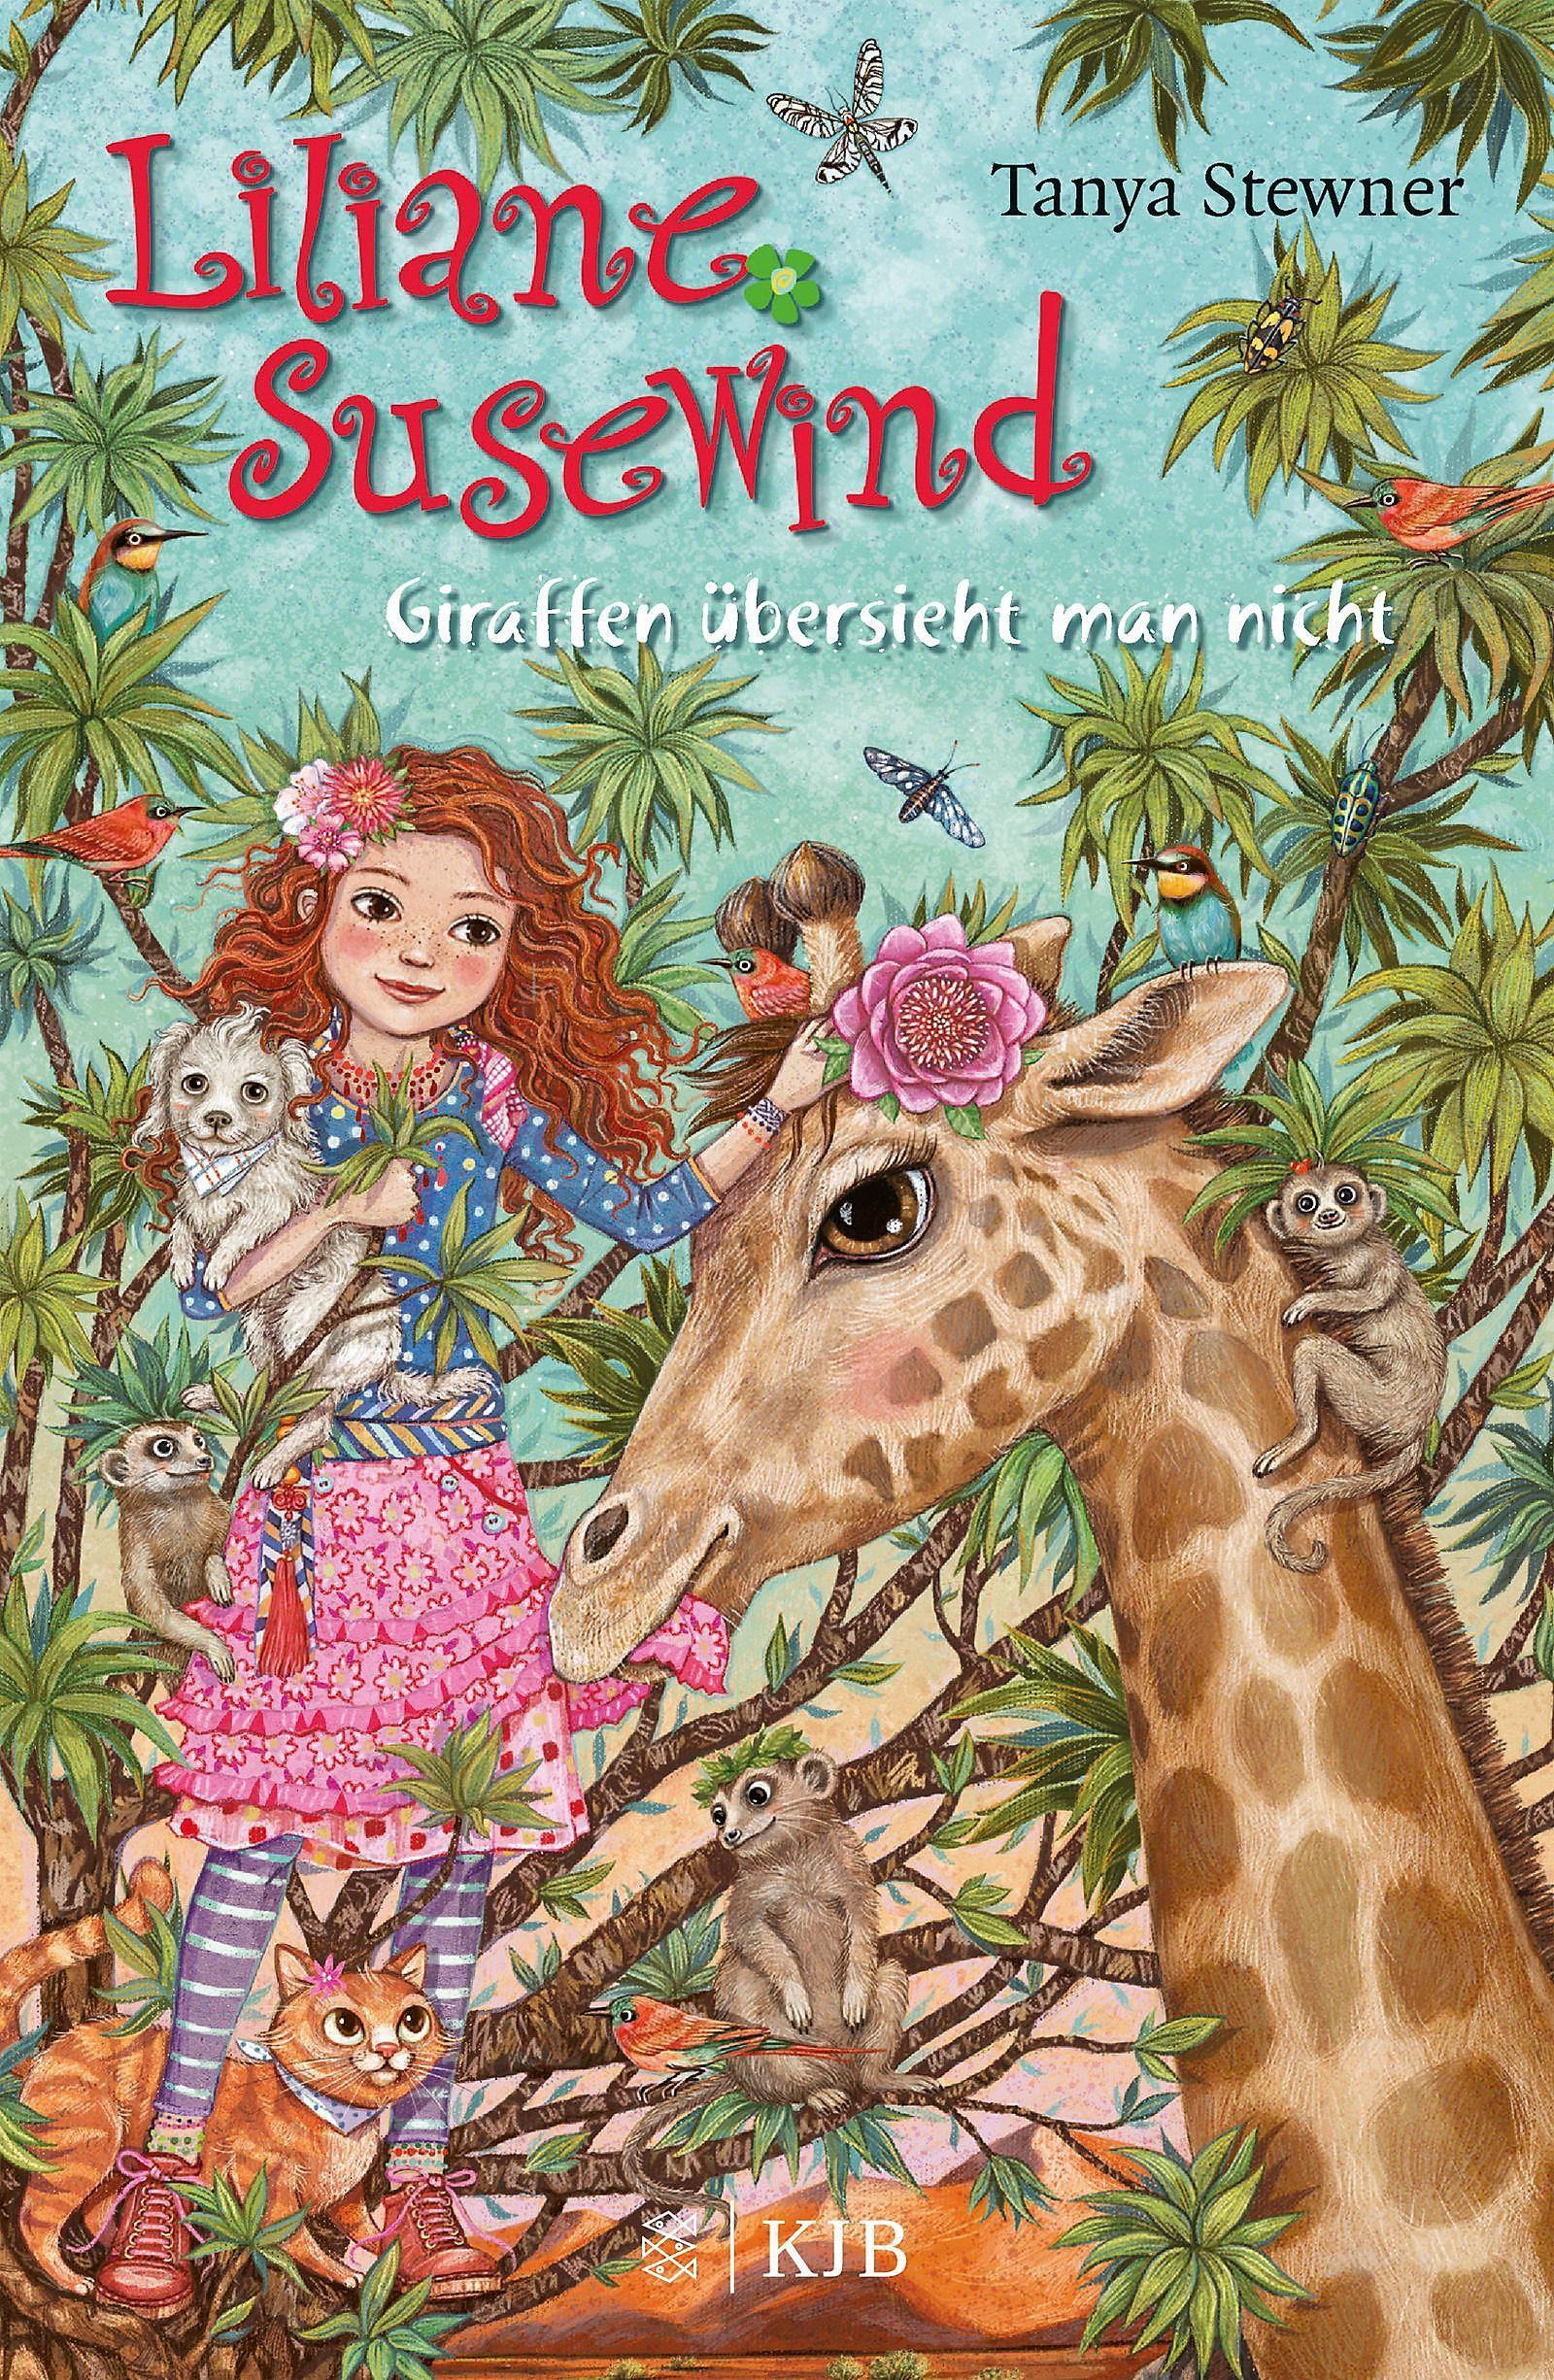 Liliane Susewind Giraffen übersieht Man Nicht Buch